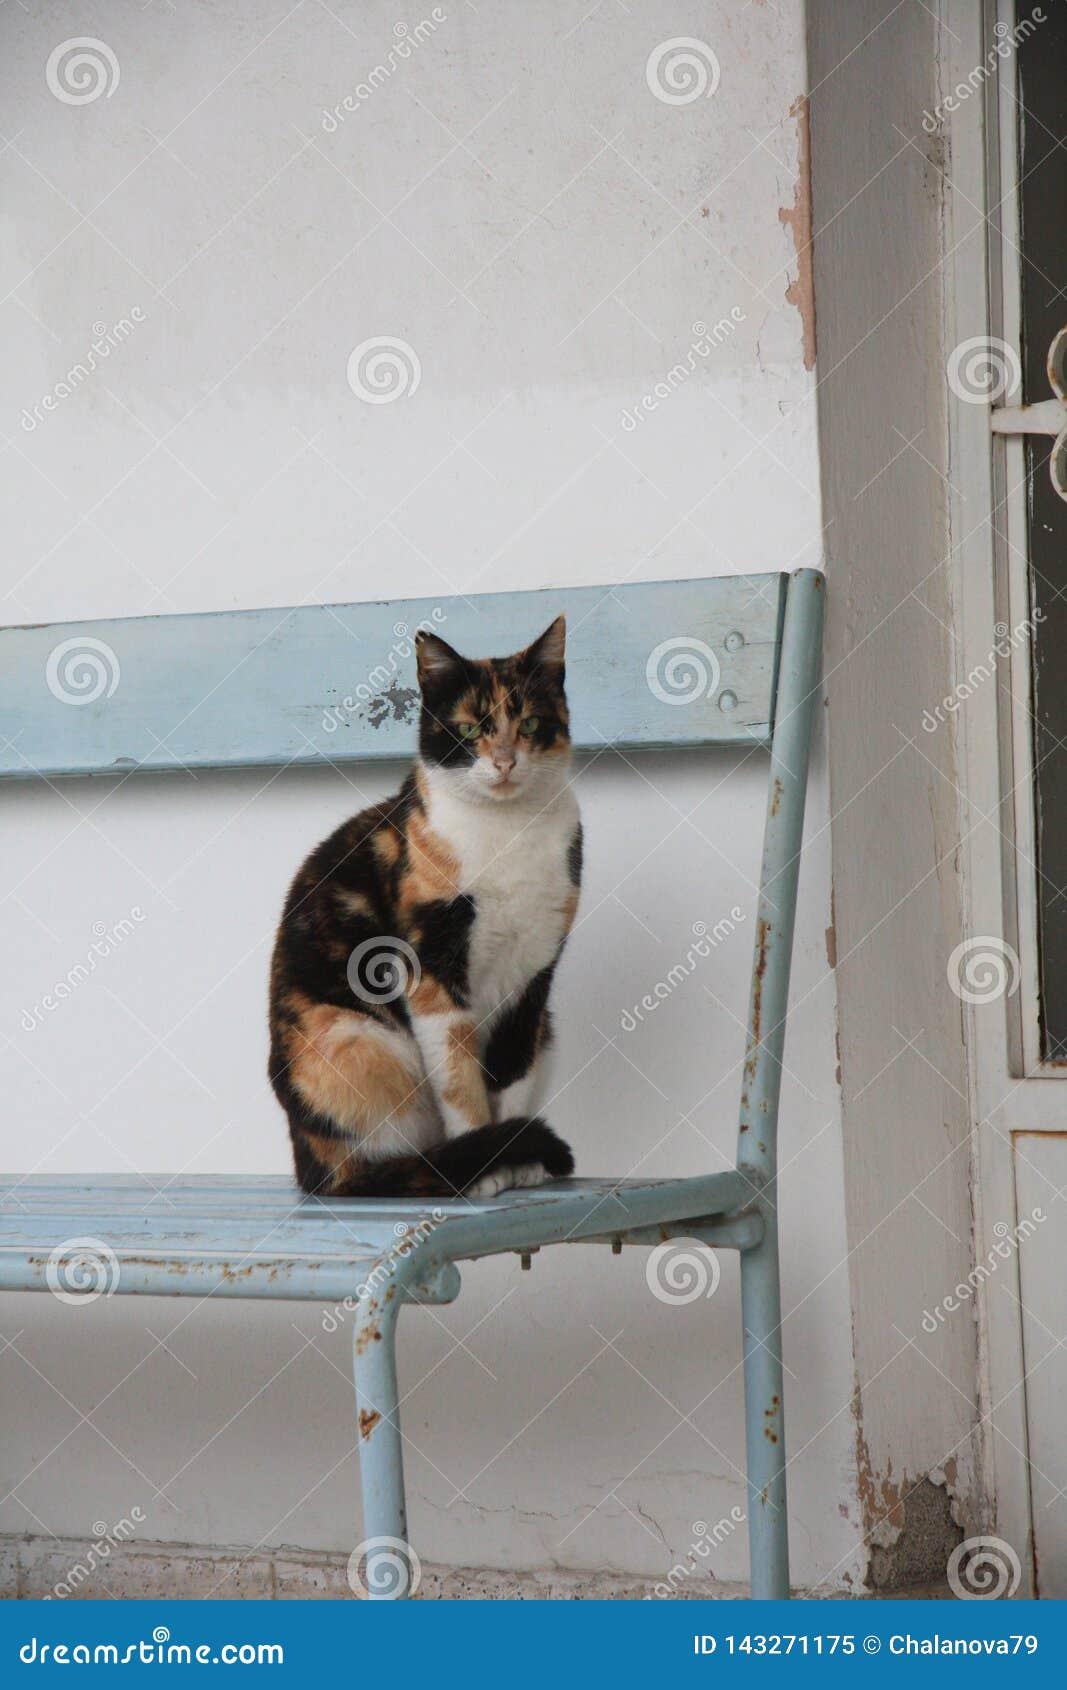 Katzenstellung auf dem Stuhl außerhalb des Hauses